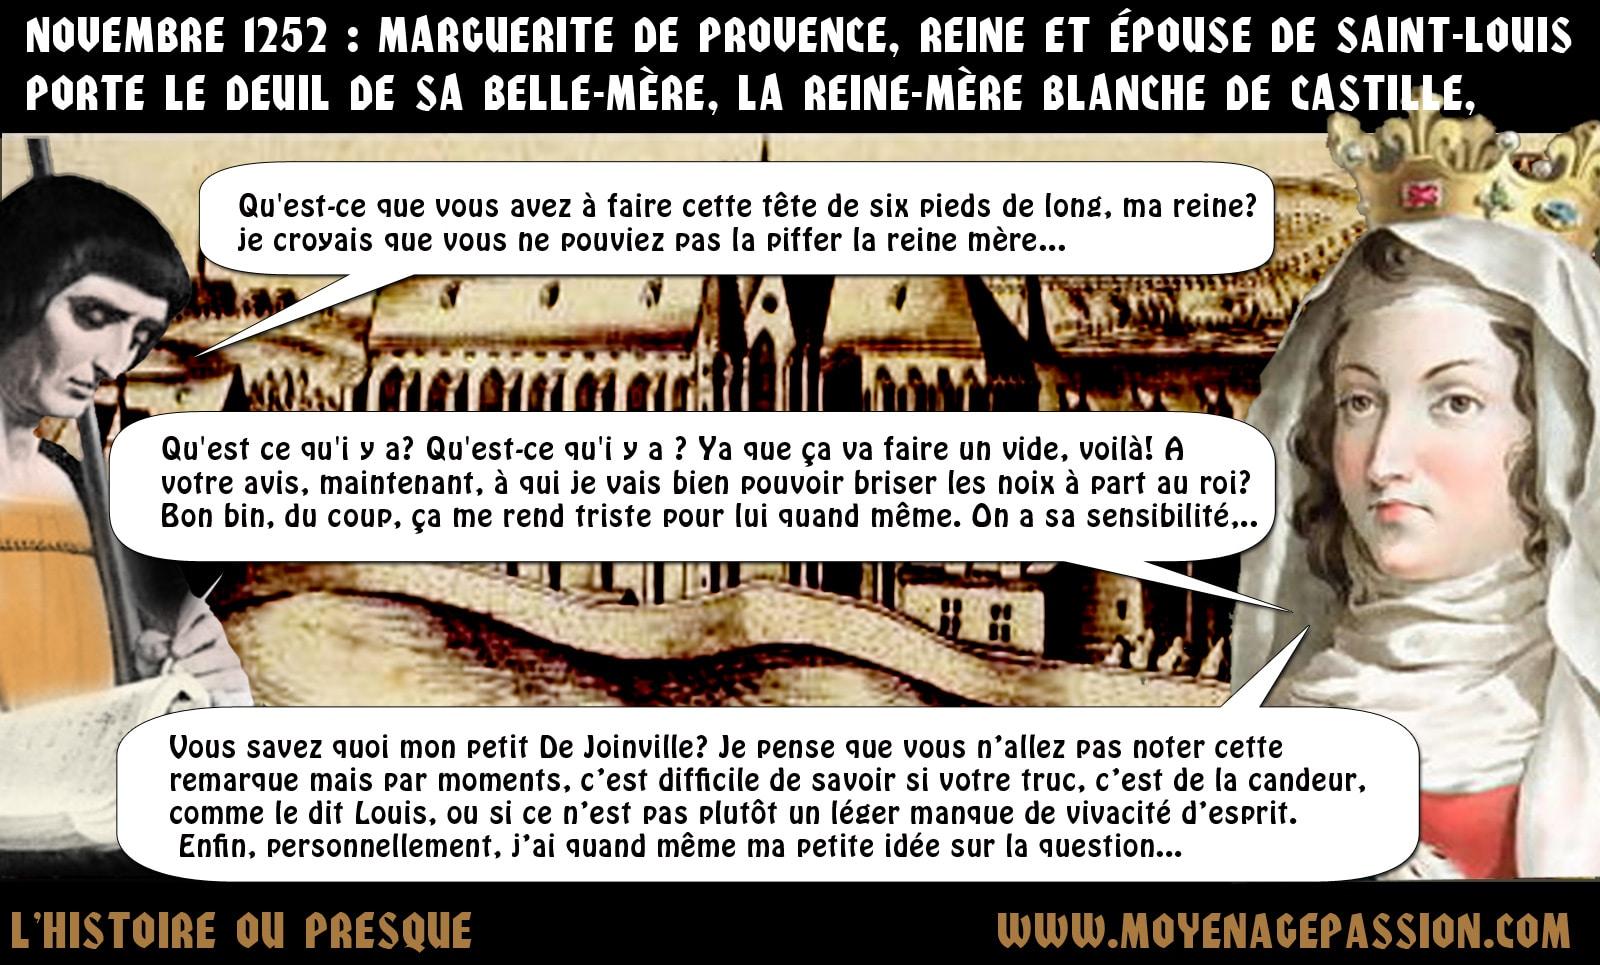 blanche_de_castille_saint_louis_de_joinville_humour_medieval